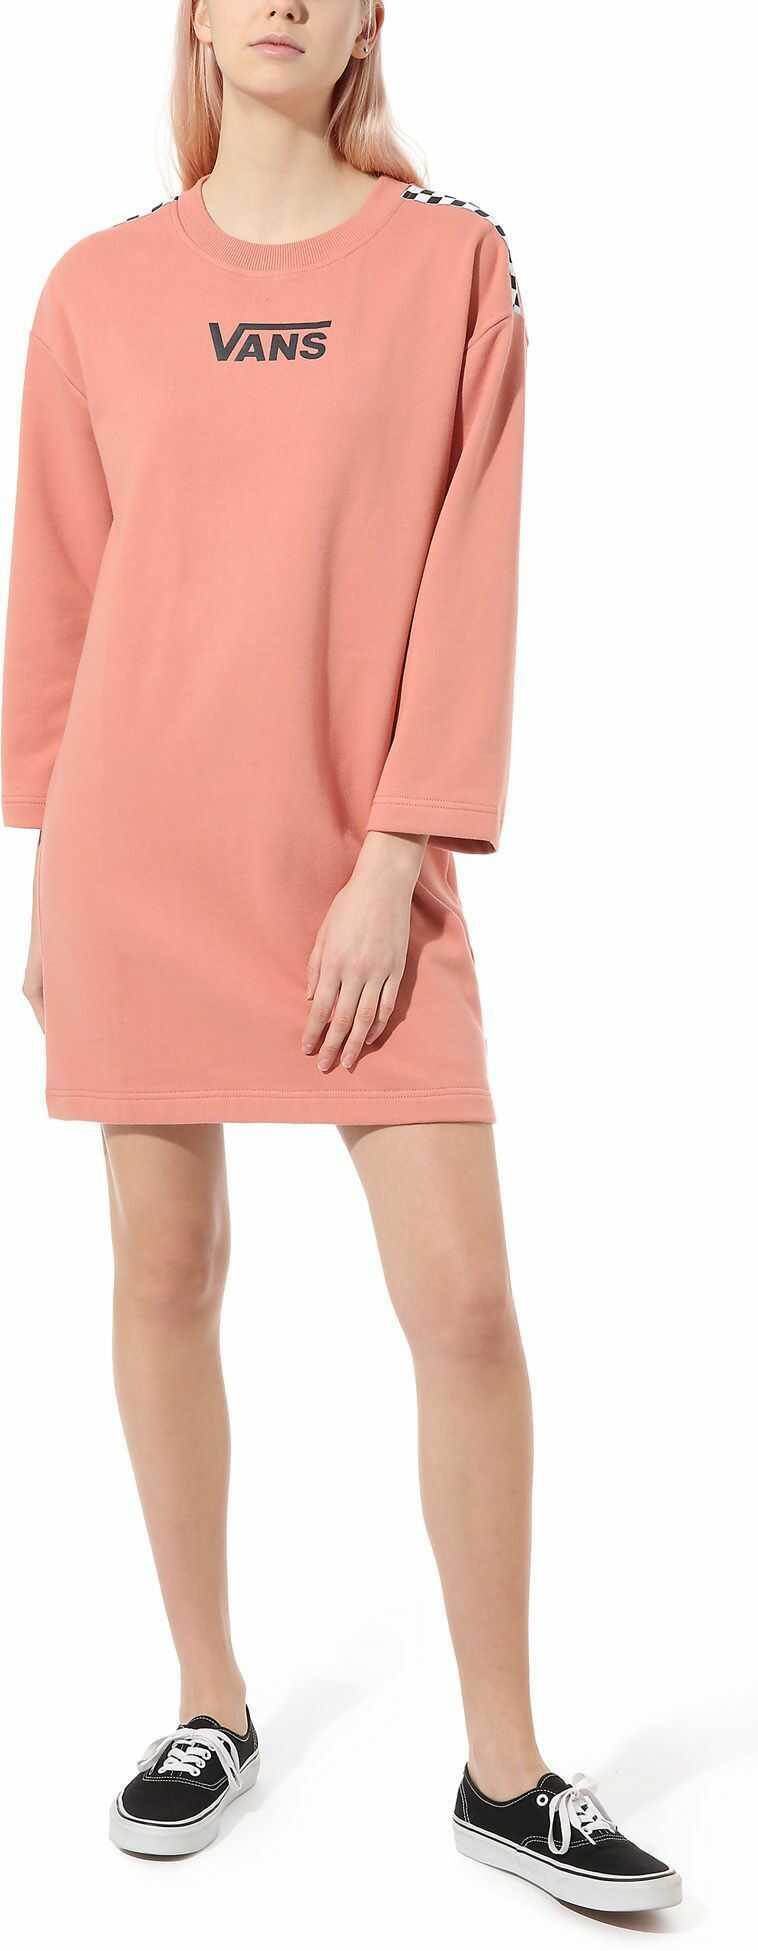 sukienka damska VANS CHROMO II DRESS Rose Dawn